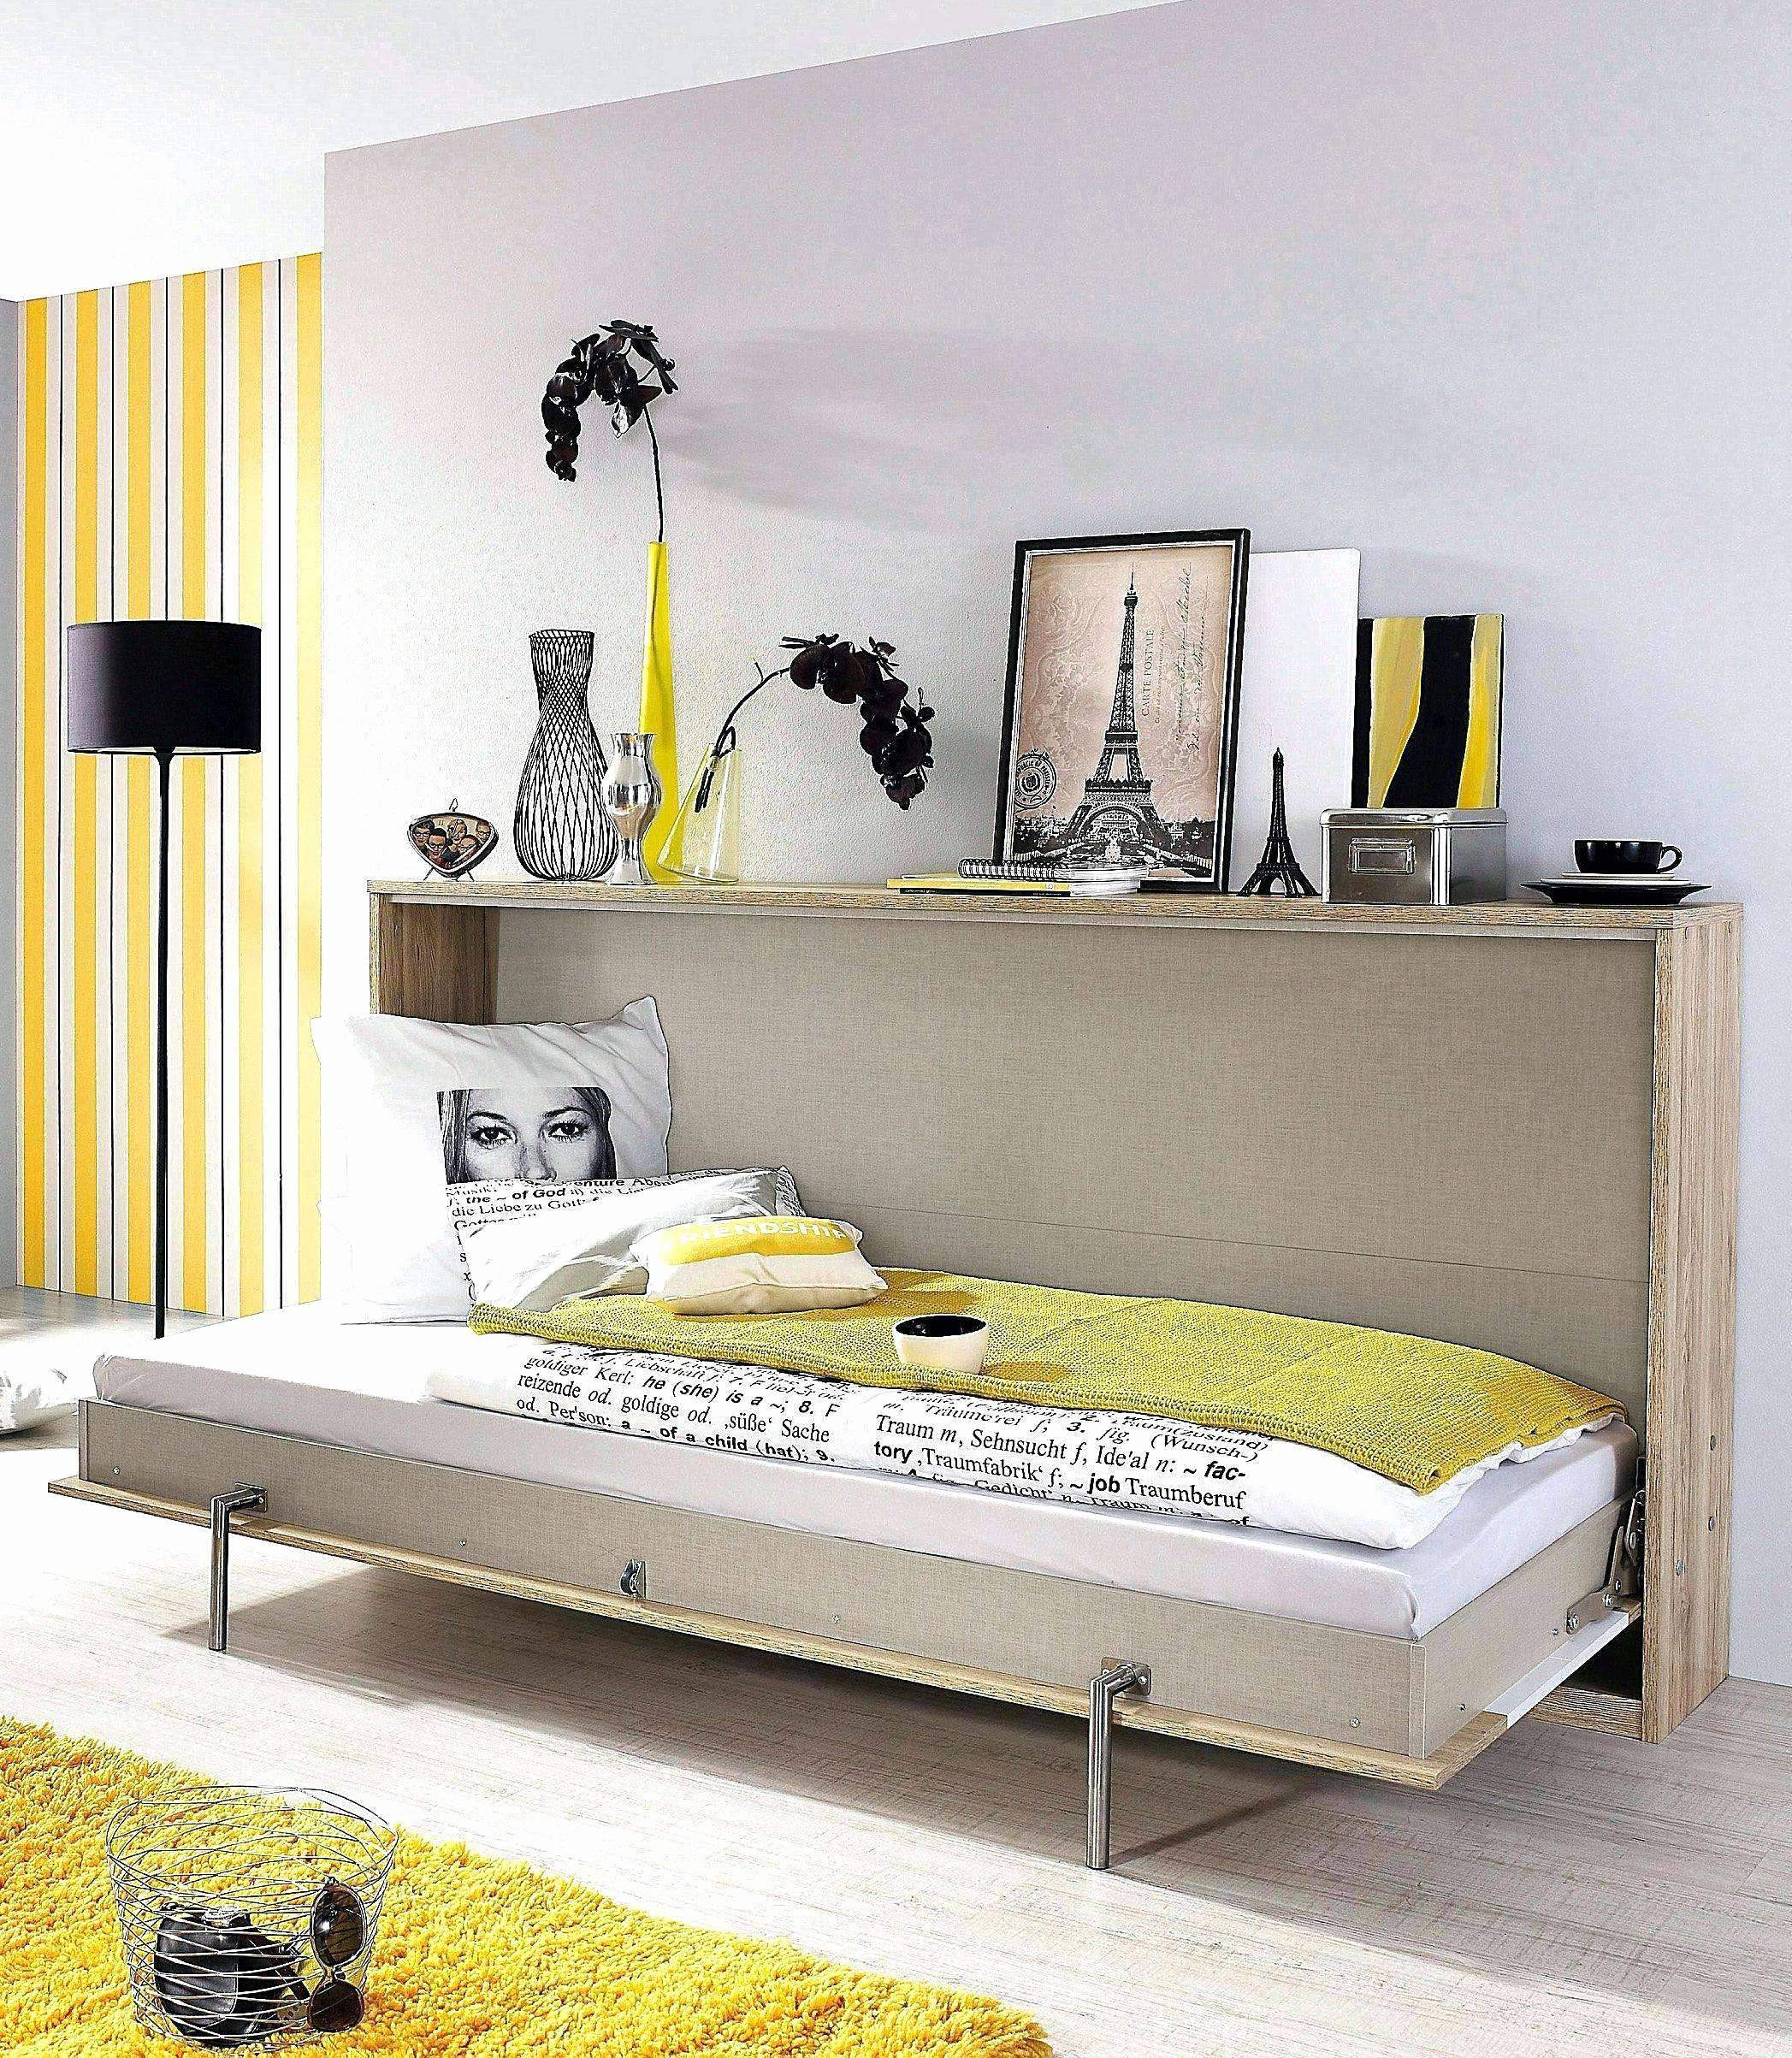 wohnzimmer landhausstil luxus wohnzimmer ideen landhaus schon of wohnzimmer landhausstil